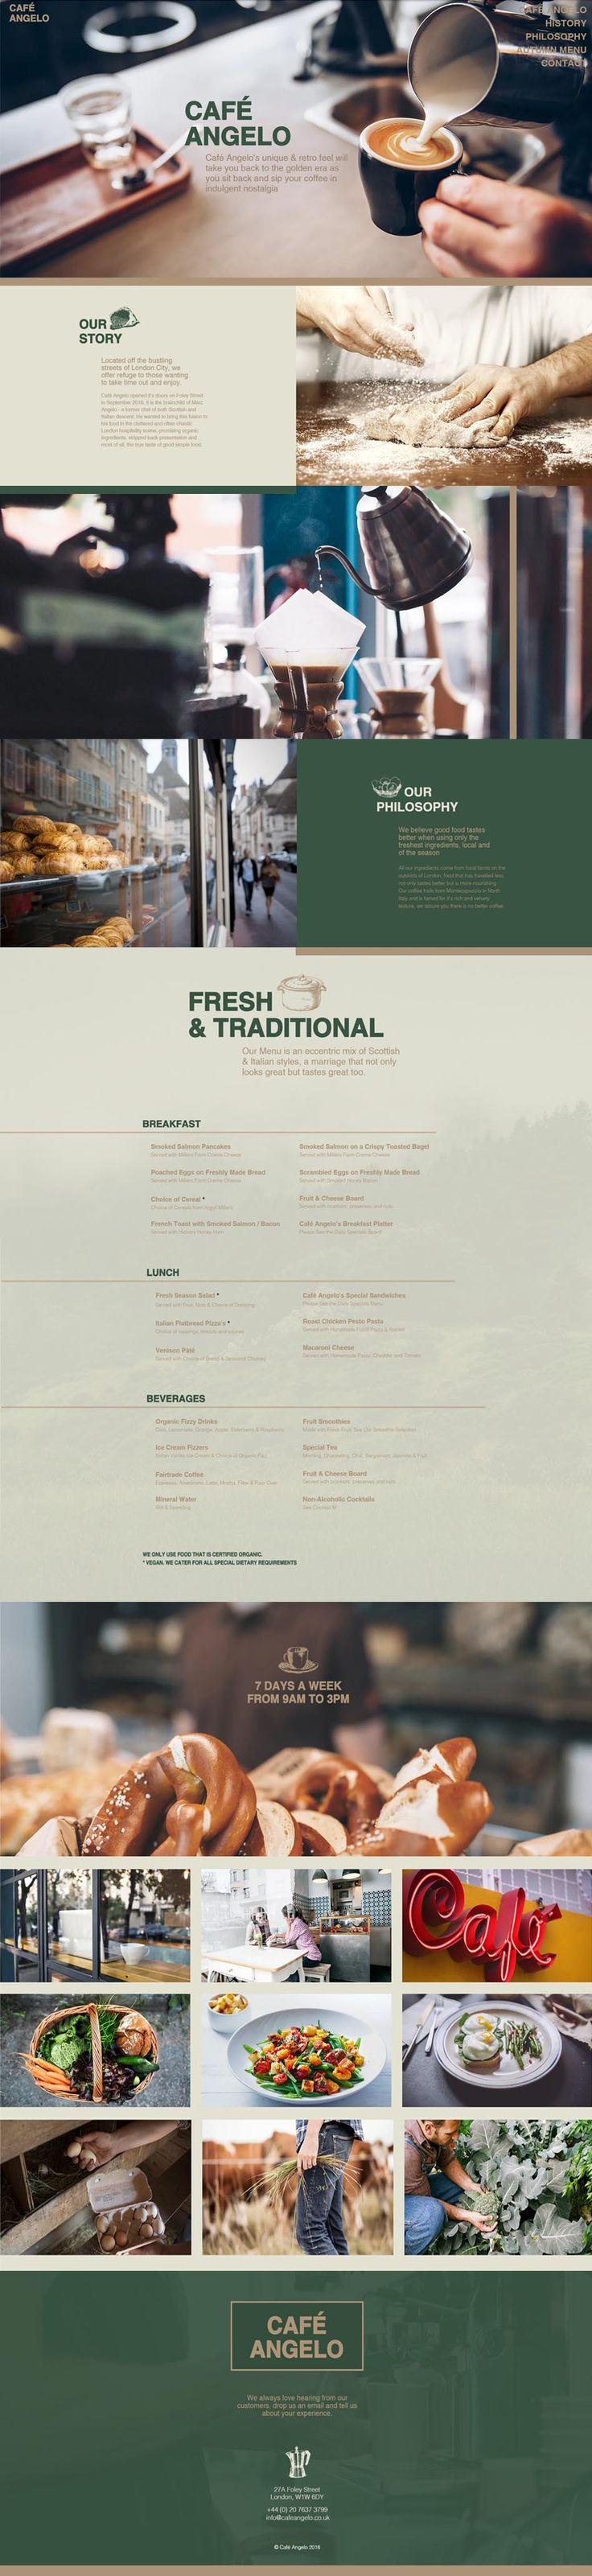 Wix Website Design for Café Angelo #website #web #webdesign #wix @wixcom